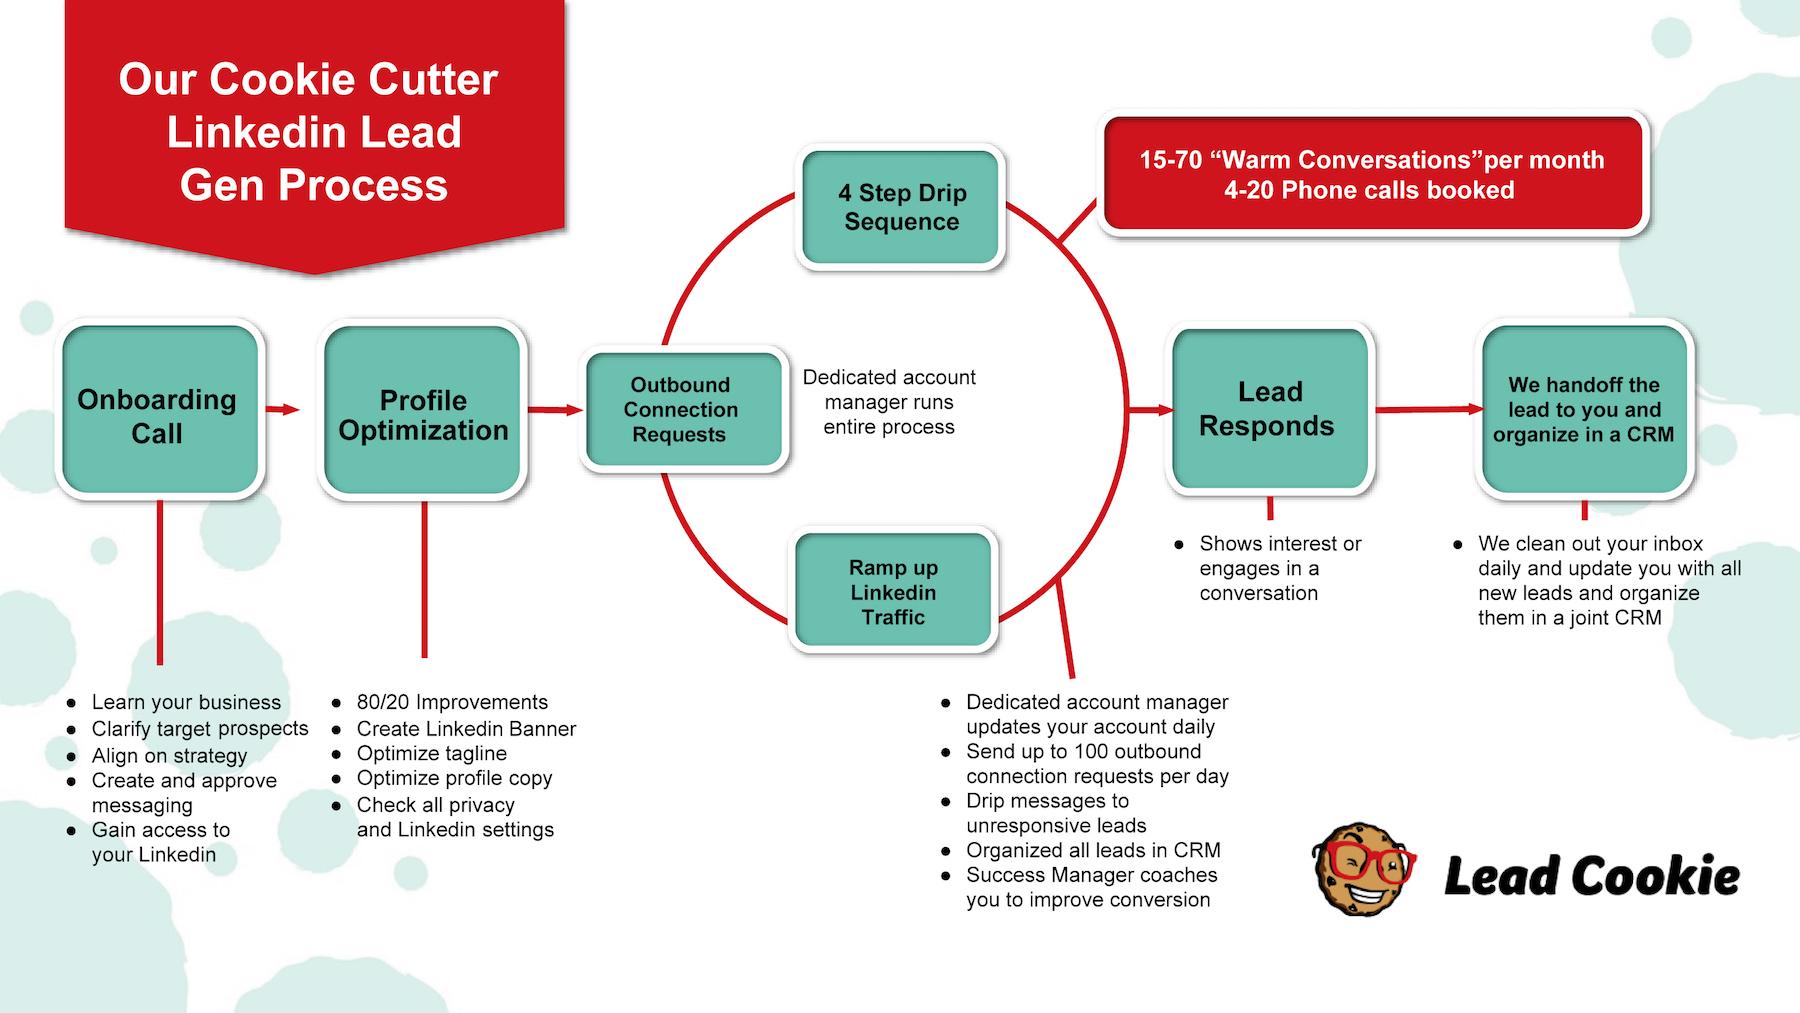 Lead_Cookie_Process.jpg